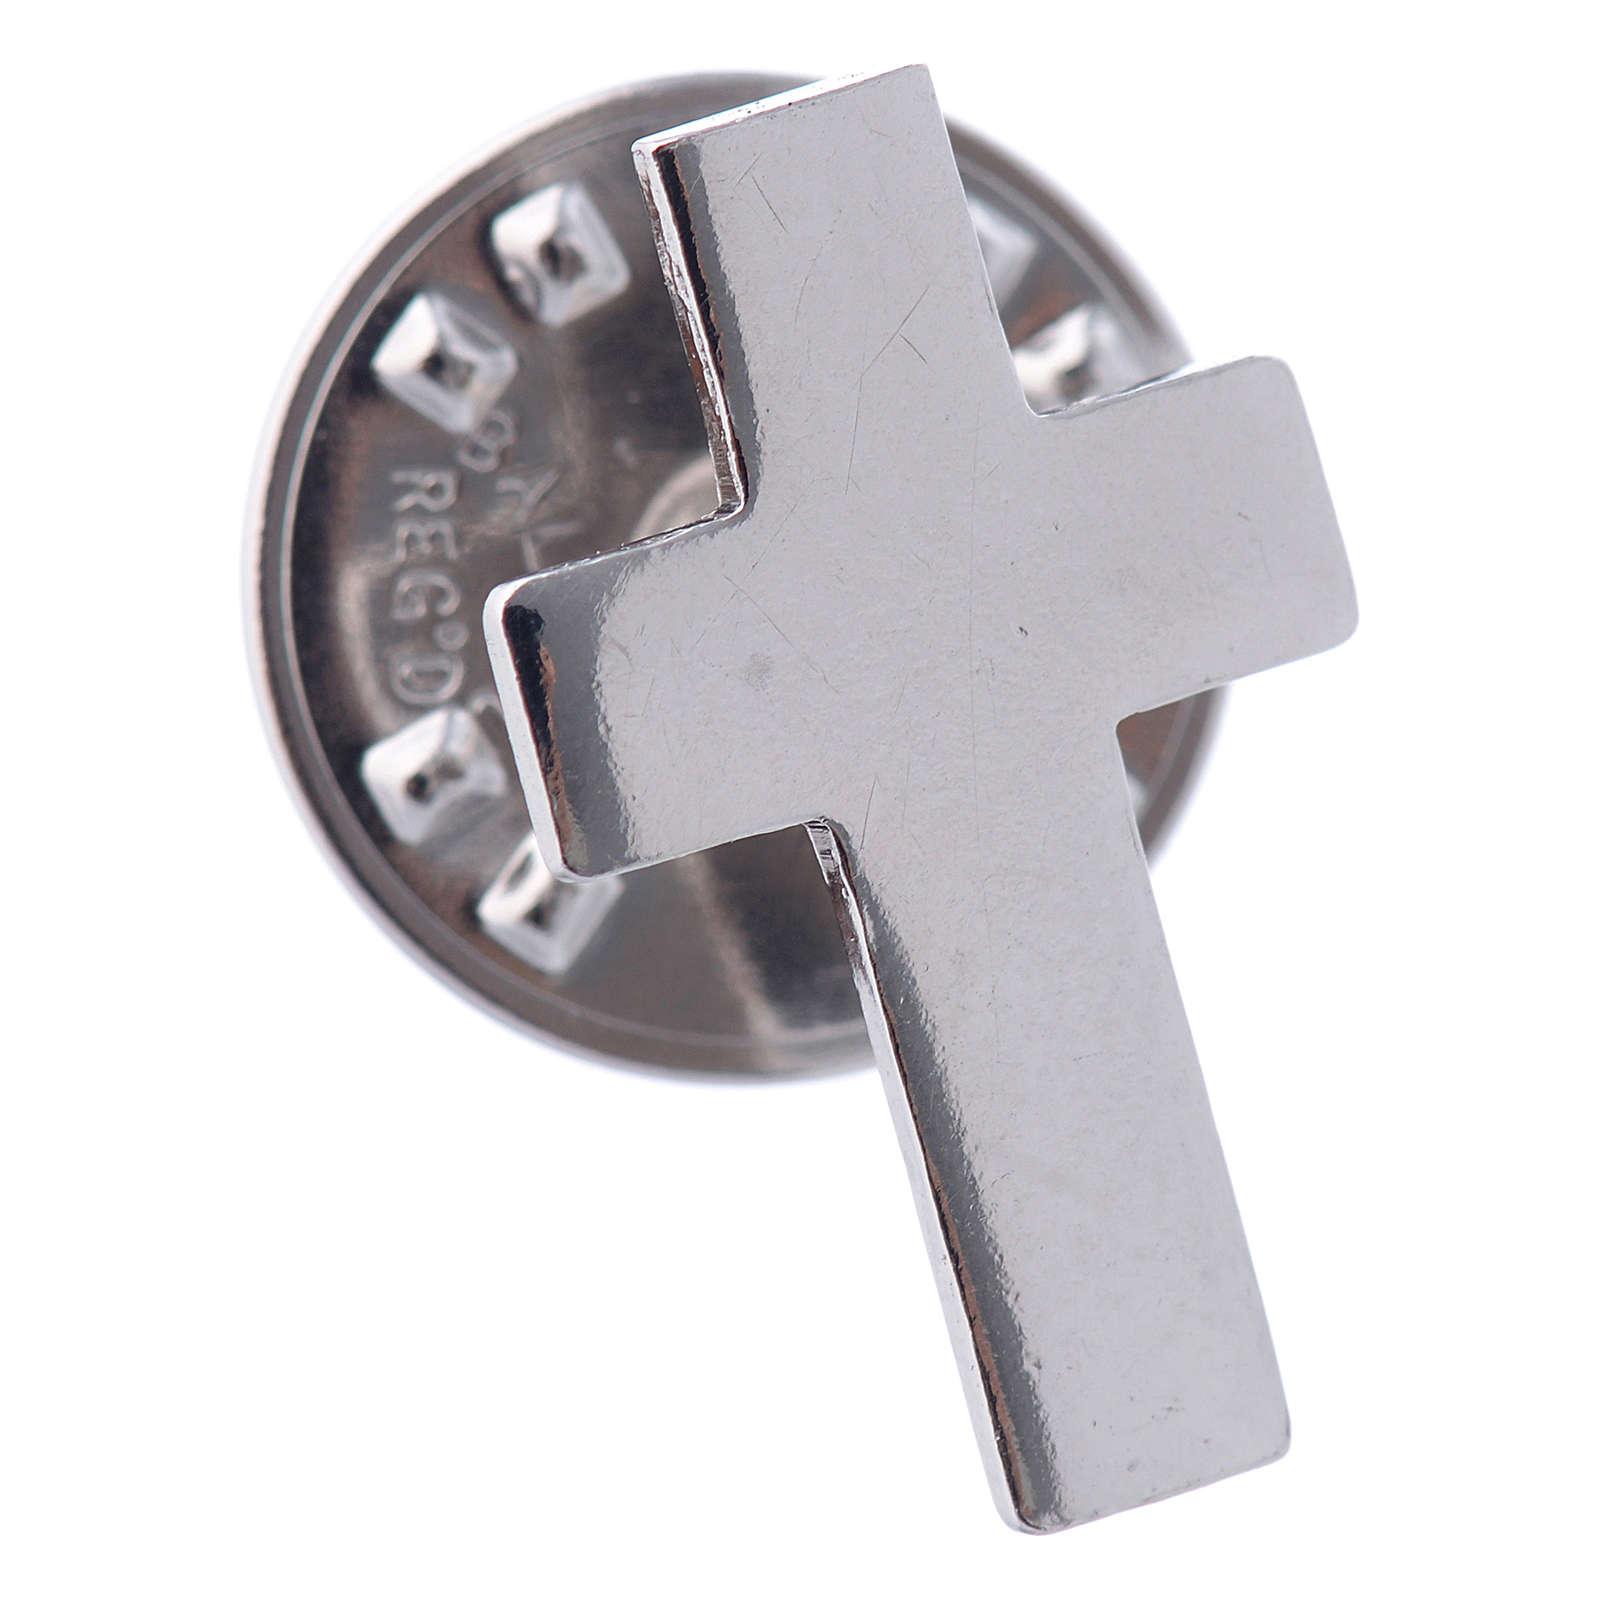 Croix de clergyman argent 925 h 1.5 cm 4